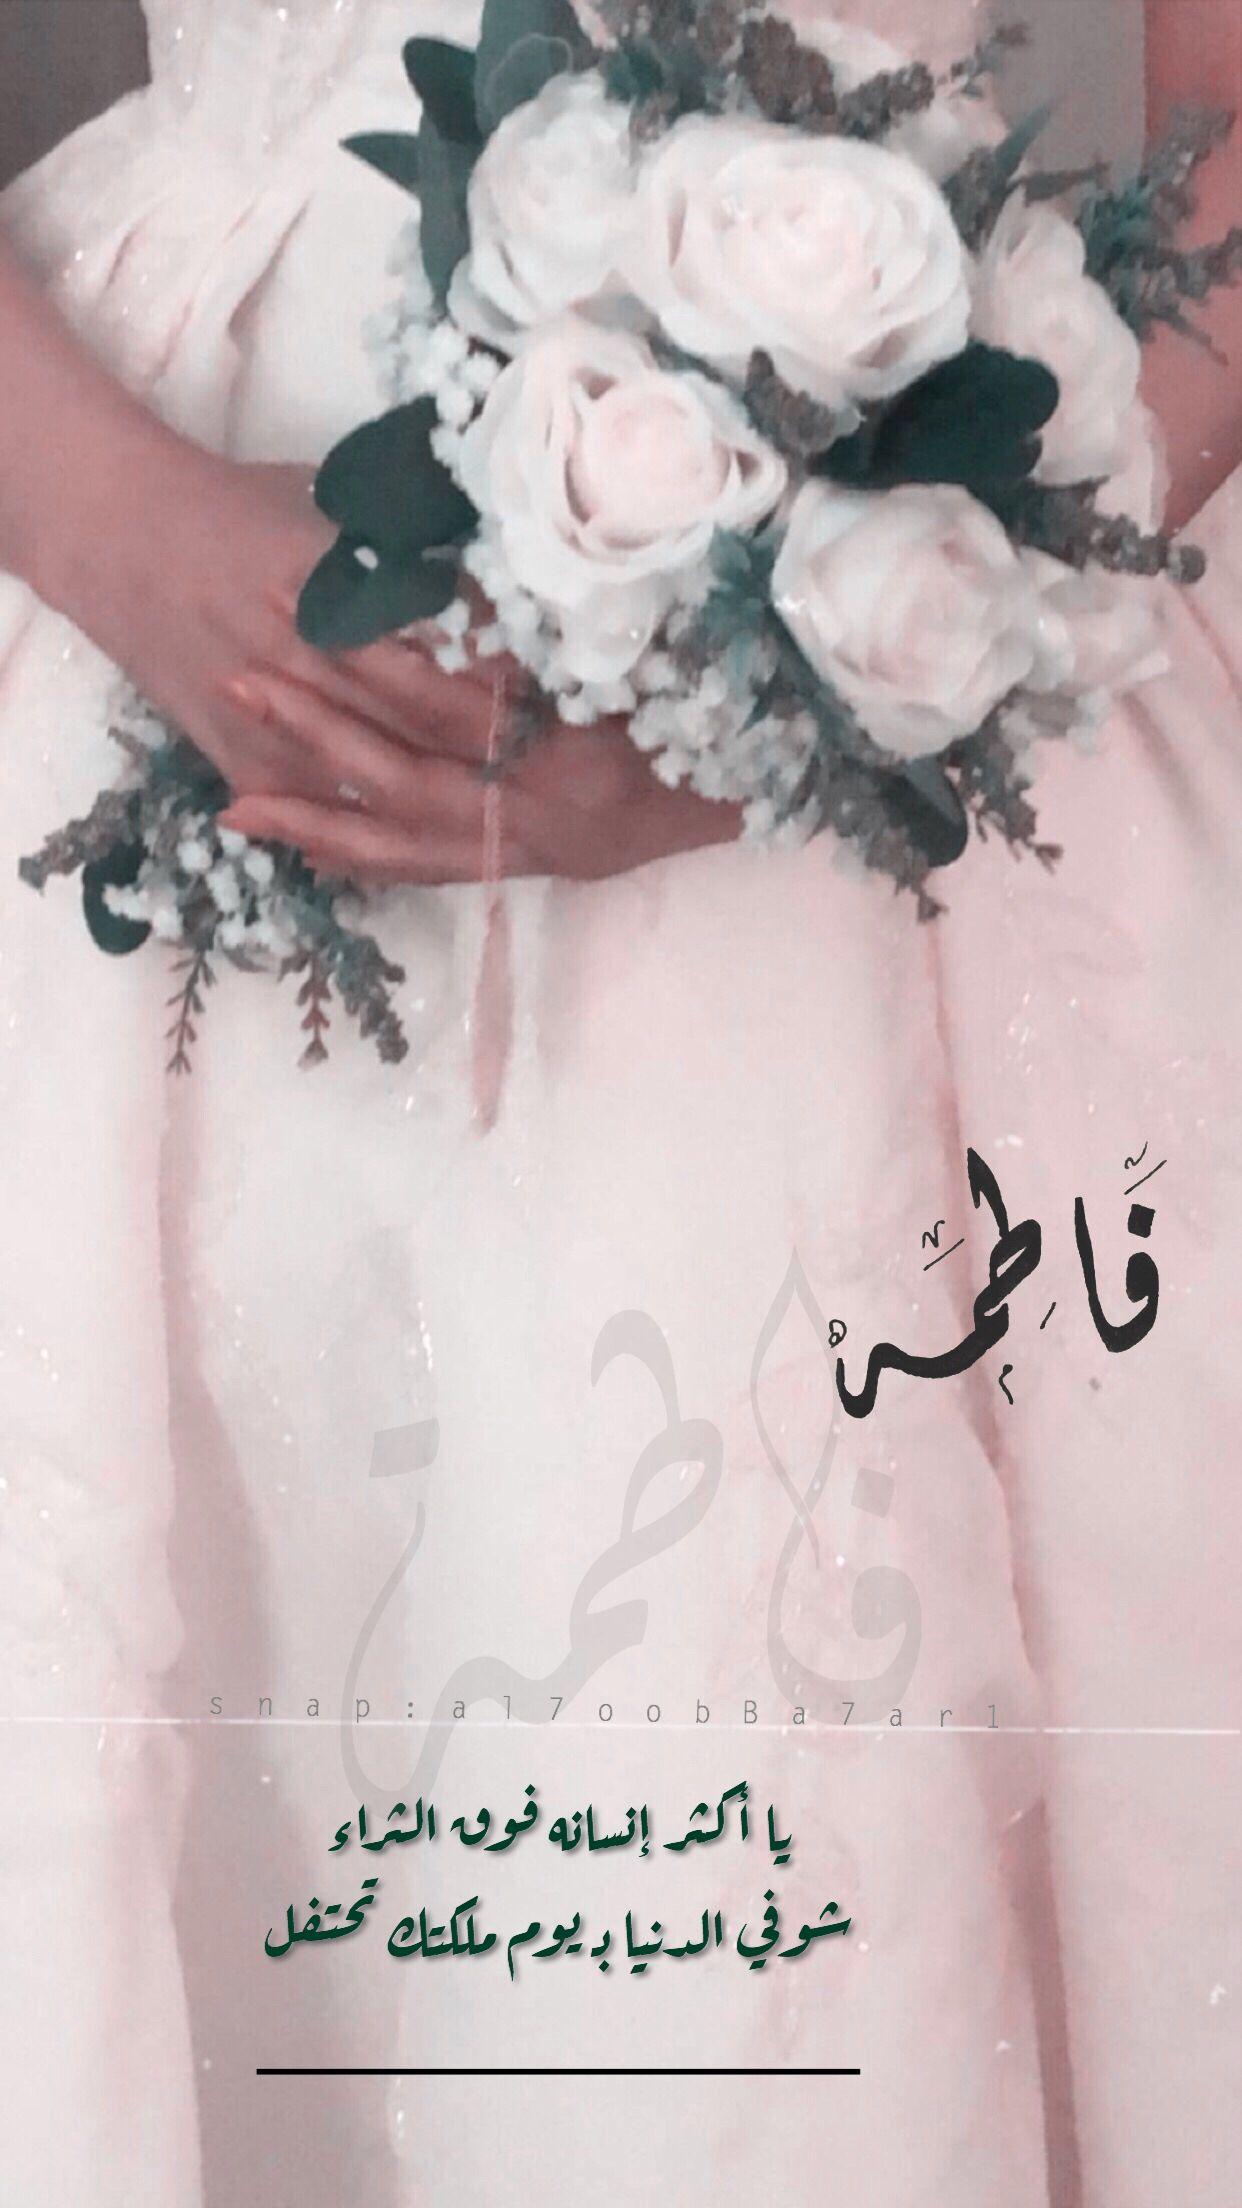 همسة يا أكثر إنسانه فوق الثراء شوفي الدنيا بـ يوم ملكتك تحتفل تصميمي Wedding Invitation Background Cool Henna Designs Dream Wedding Decorations